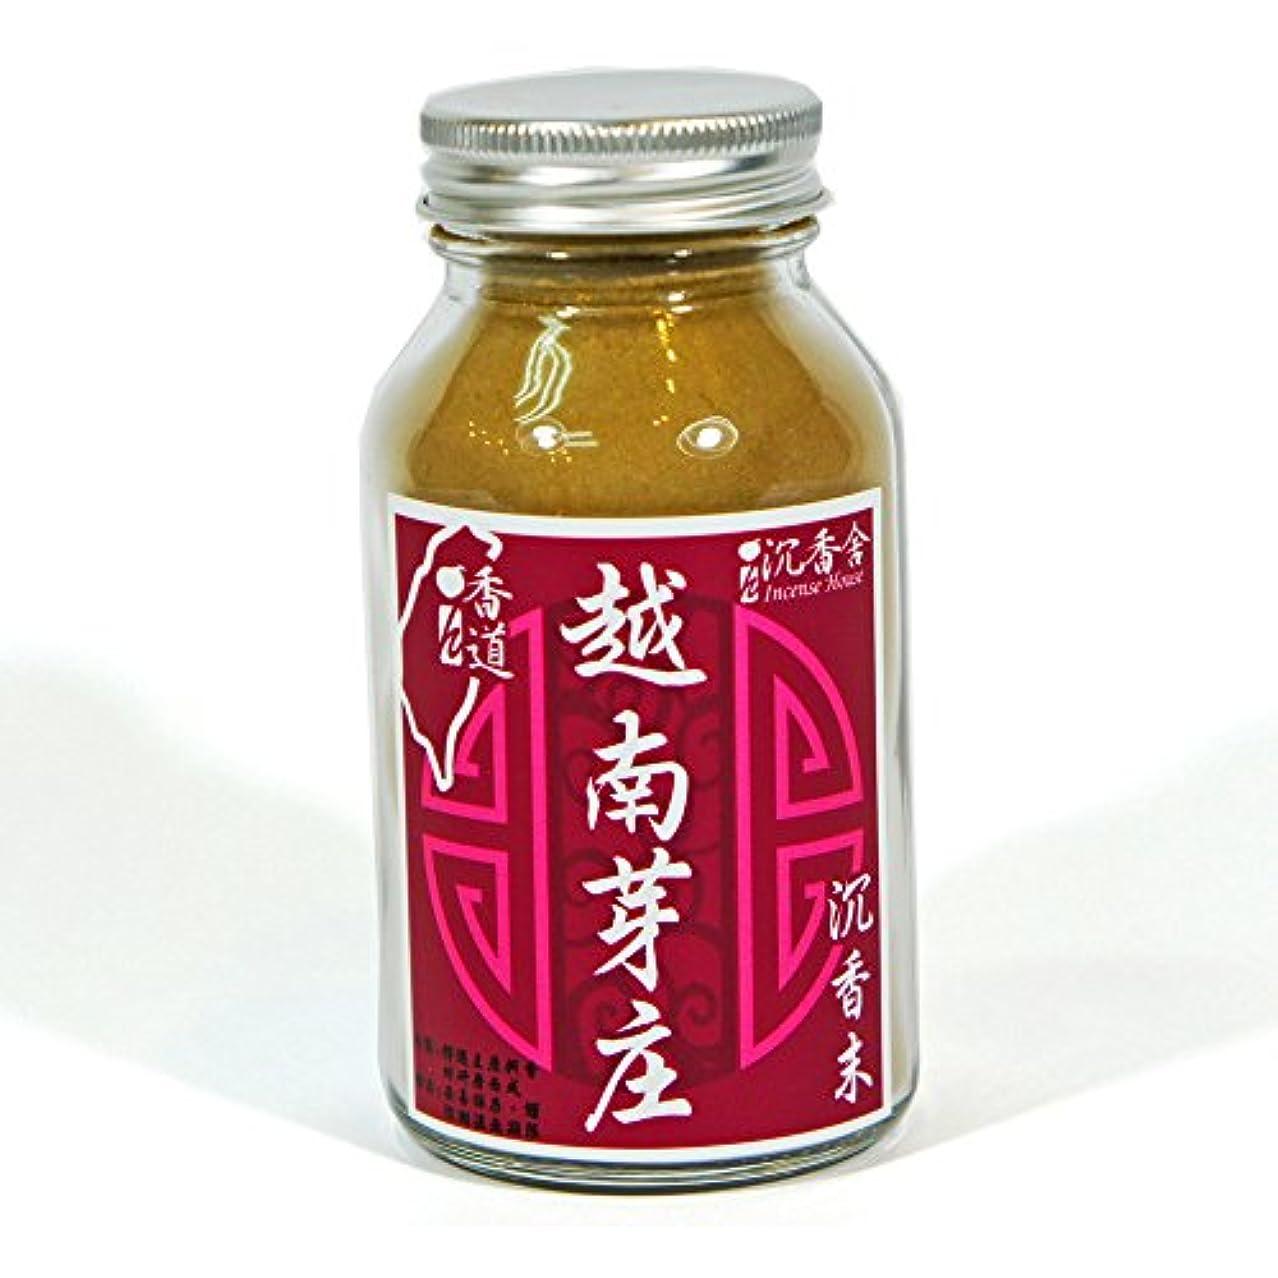 モナリザ全能限られた台湾沉香舍 お香原料 高級品 ベトナム ニャチャン 越南芽庄沈香 粉末 50g